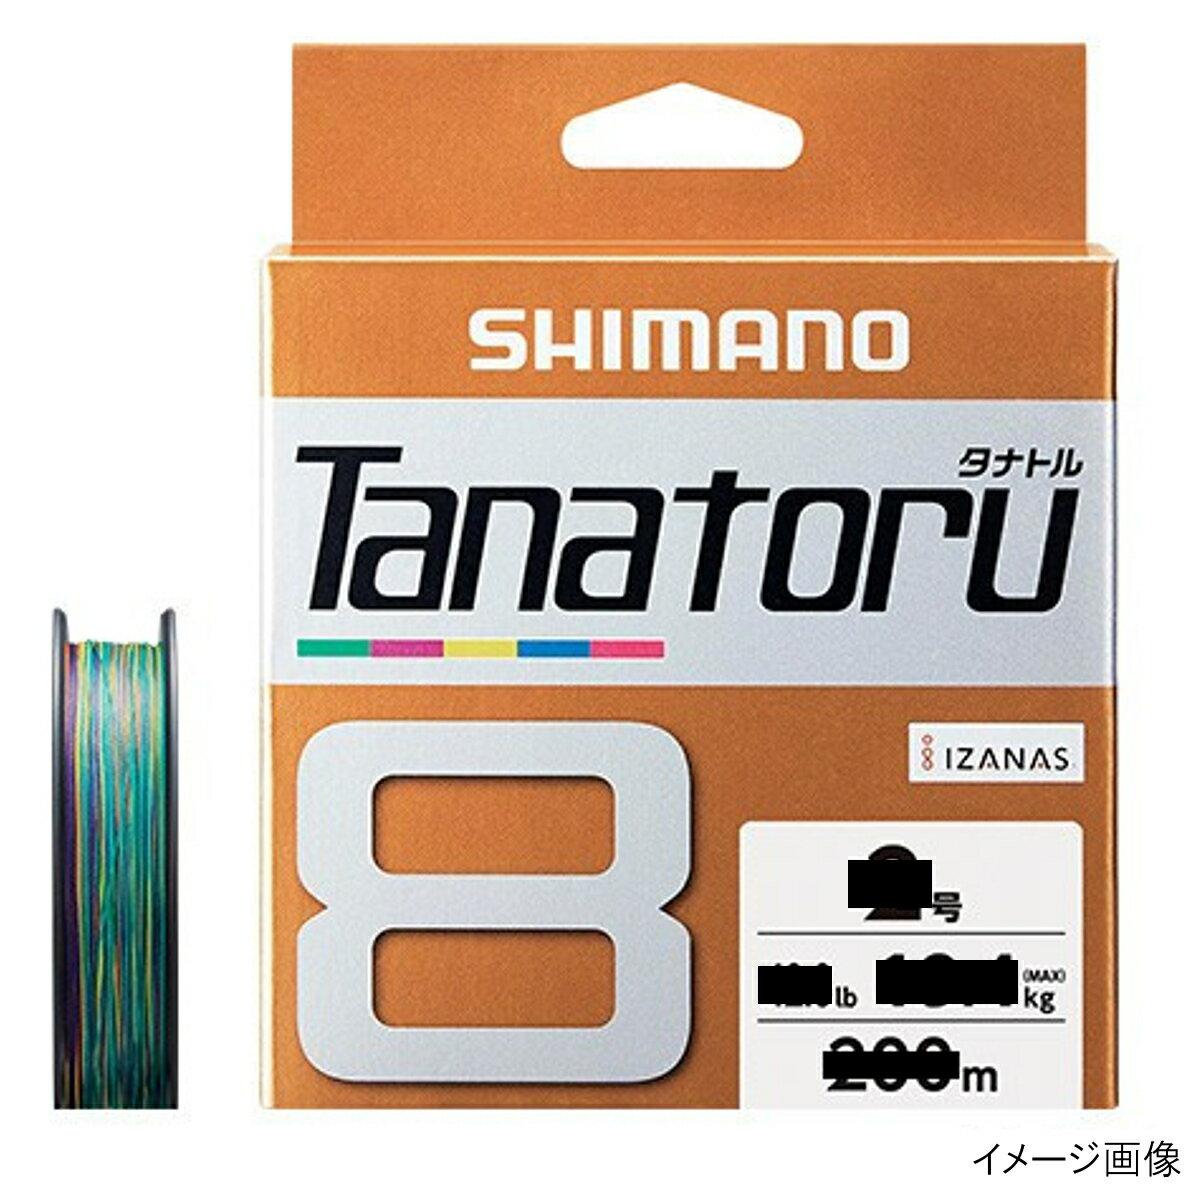 シマノ タナトル8 PLF78R 300m 4号(東日本店)